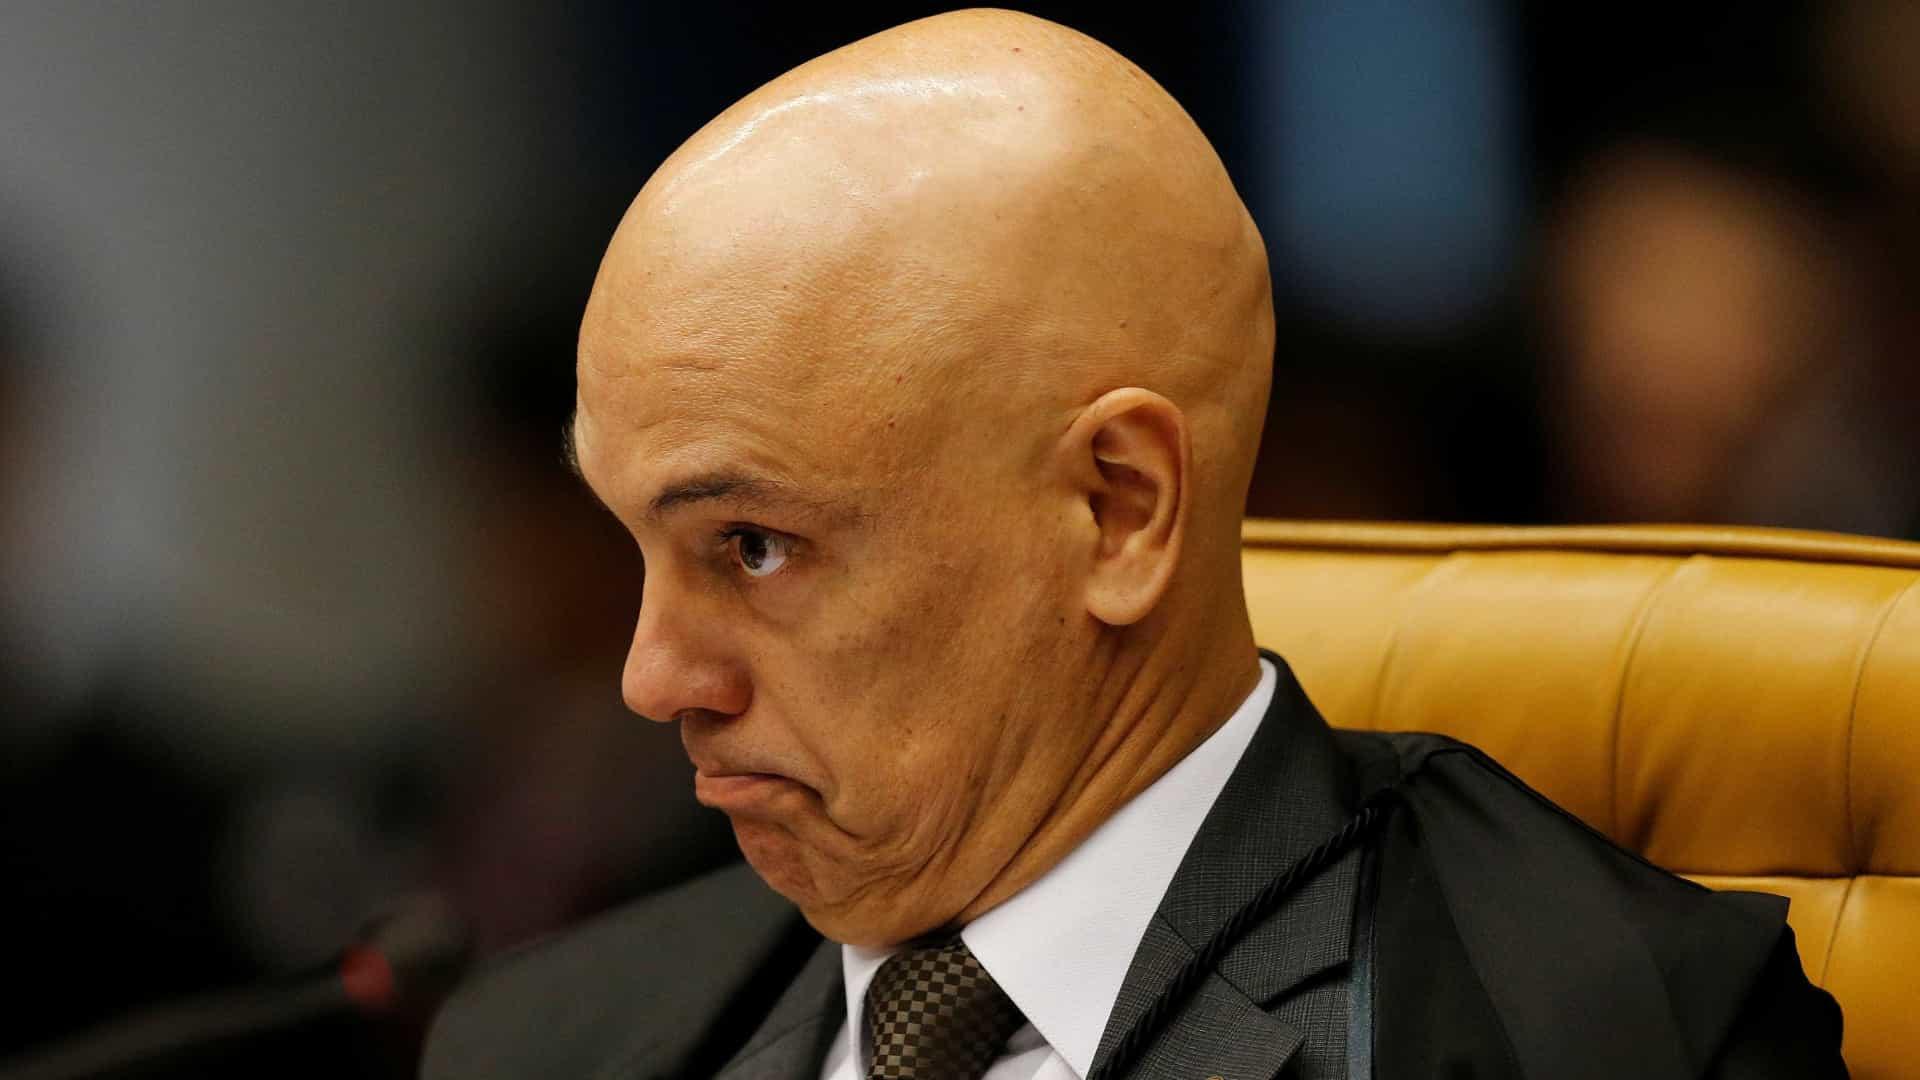 naom 5bea8845d6816 - Ministro do STF nega anulação de júri da 'viúva da Mega-Sena'